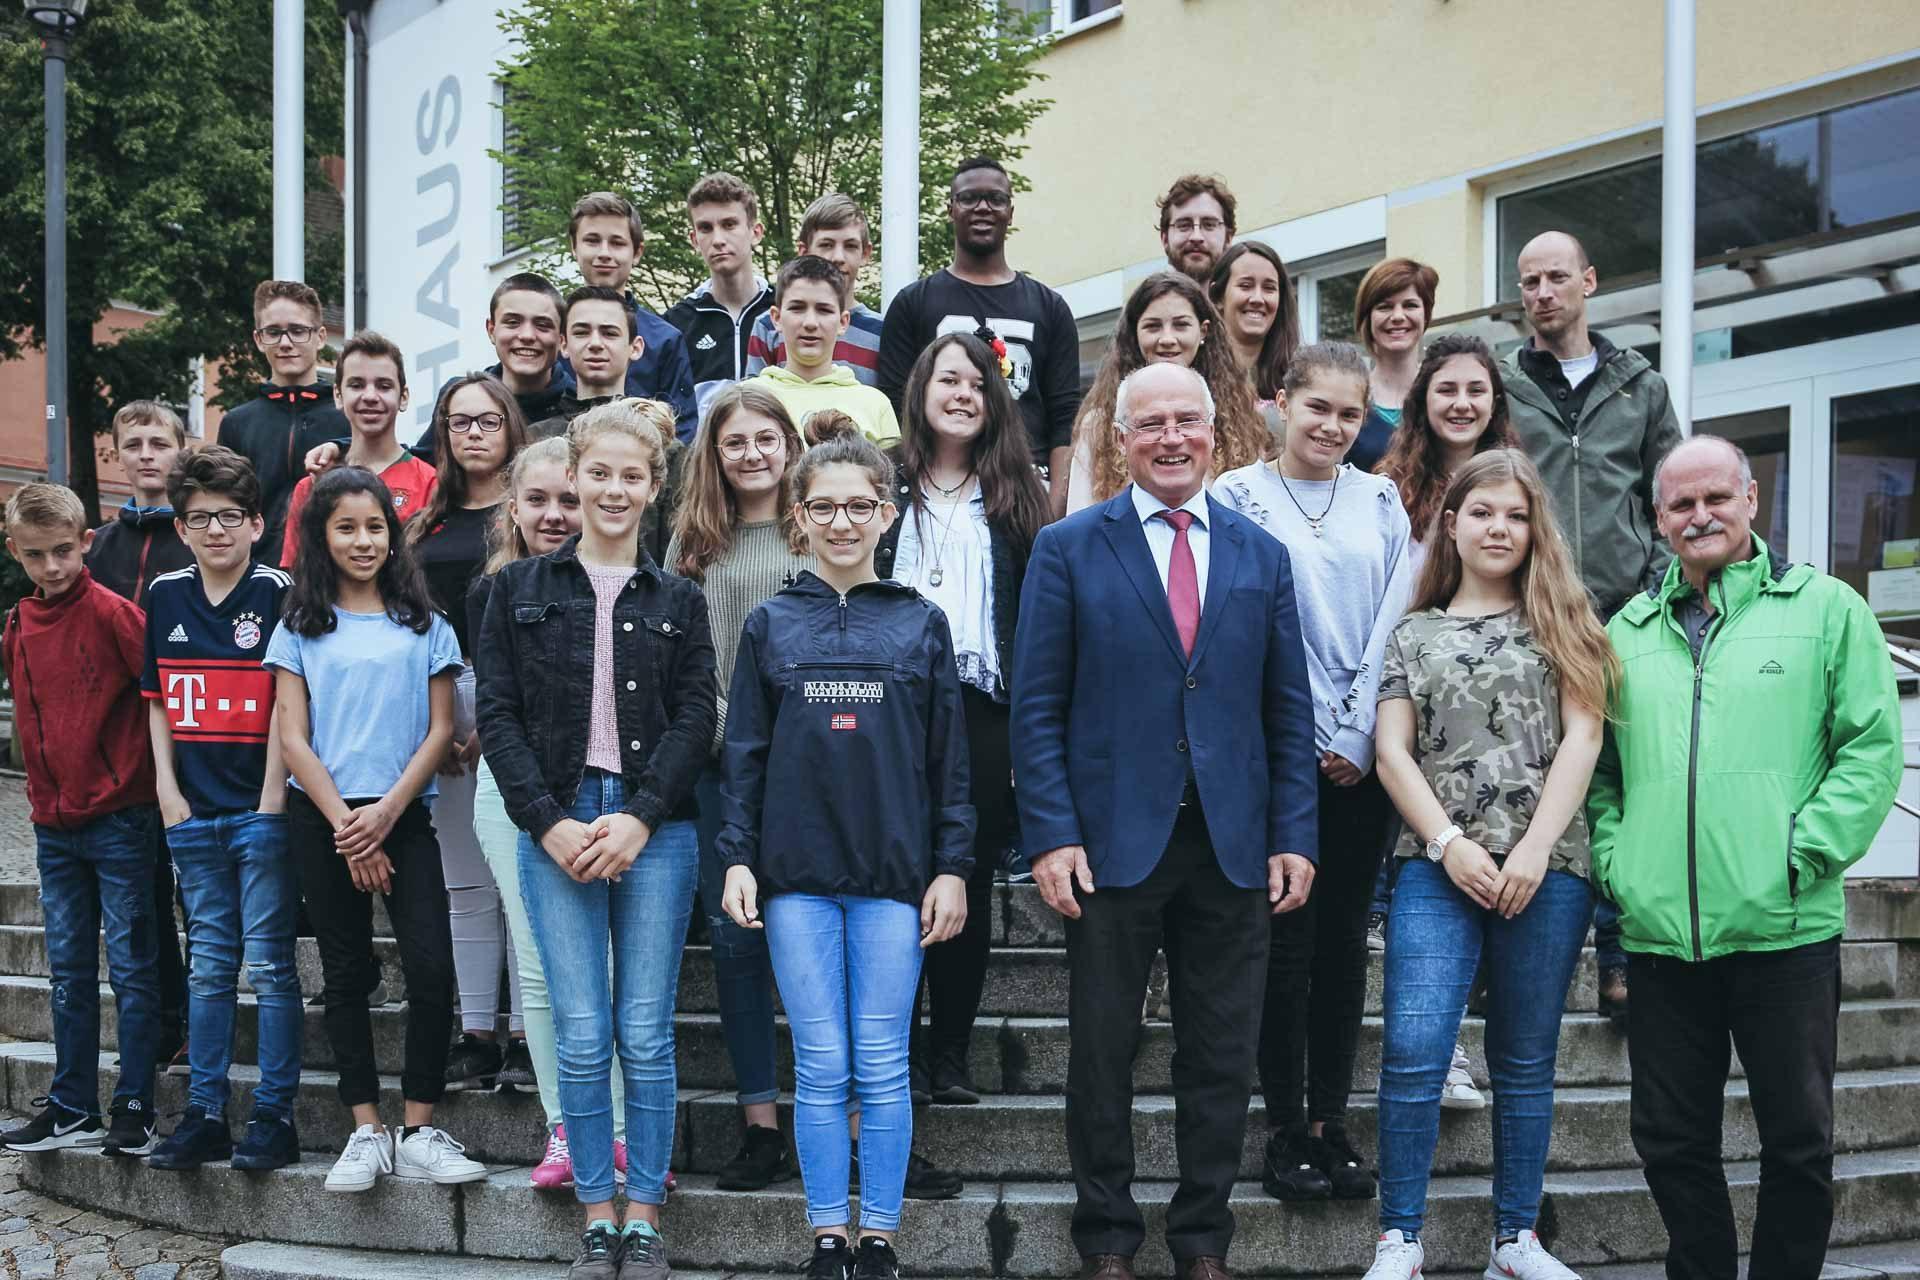 Bürgermeister Josef Reier empfägt die französischen Gastschüler im Mainburger Rathaus